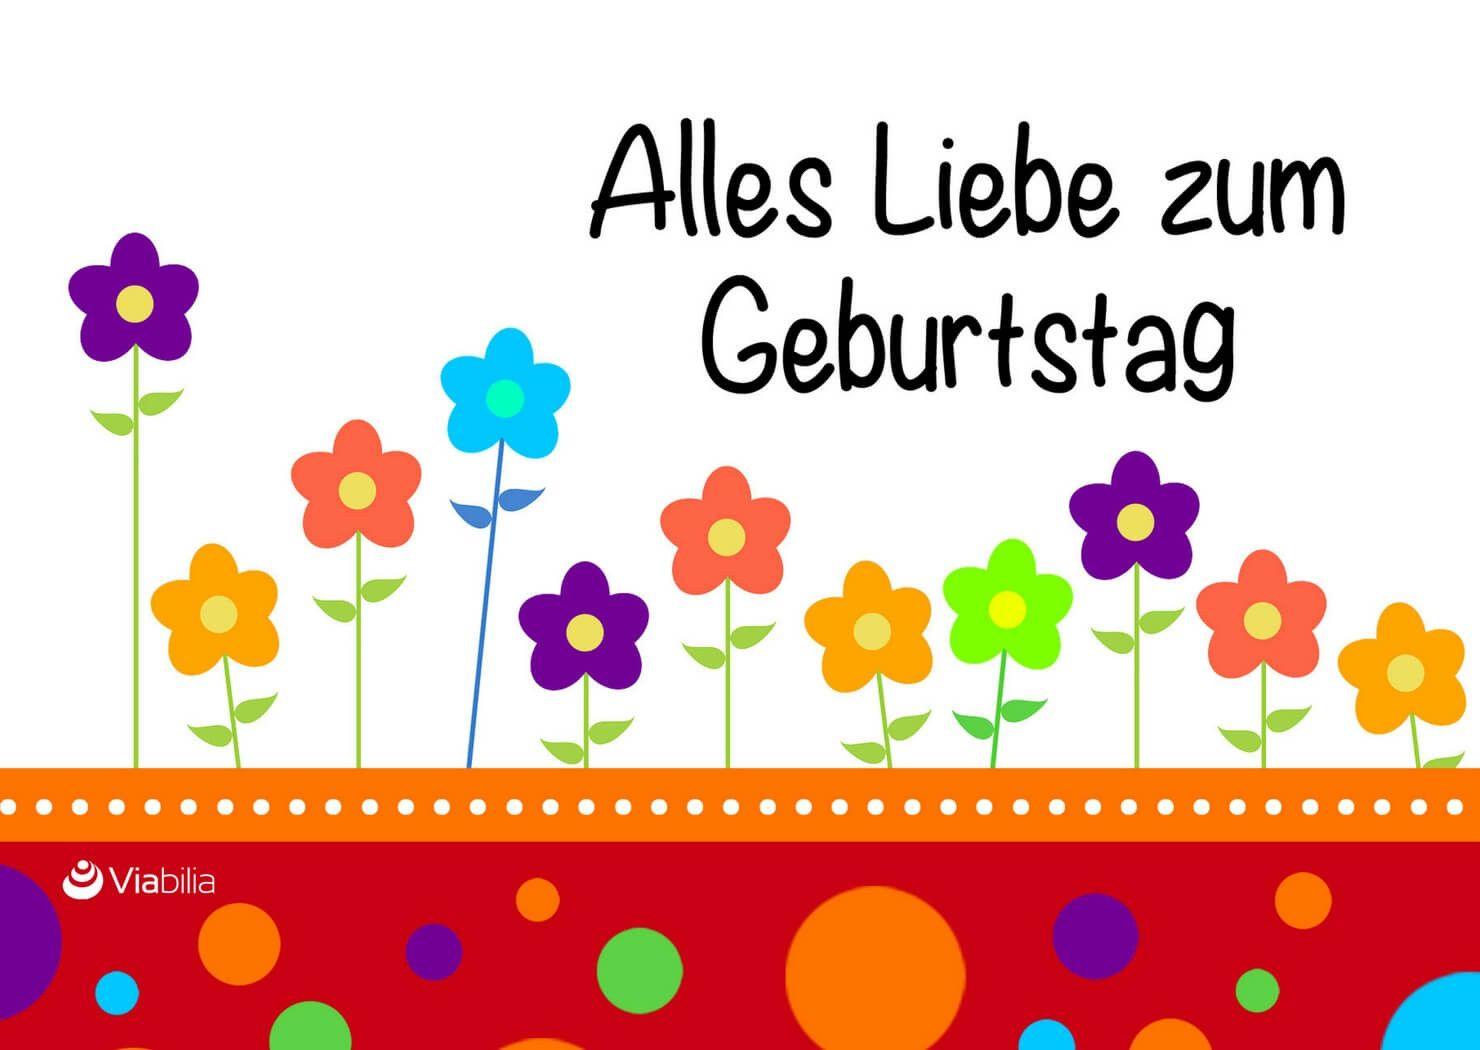 Geburtstagskarten Kostenlos Als Pdf Ausdrucken Bei Lustige innen Lustige Geburtstagskarten Zum Ausdrucken Kostenlos